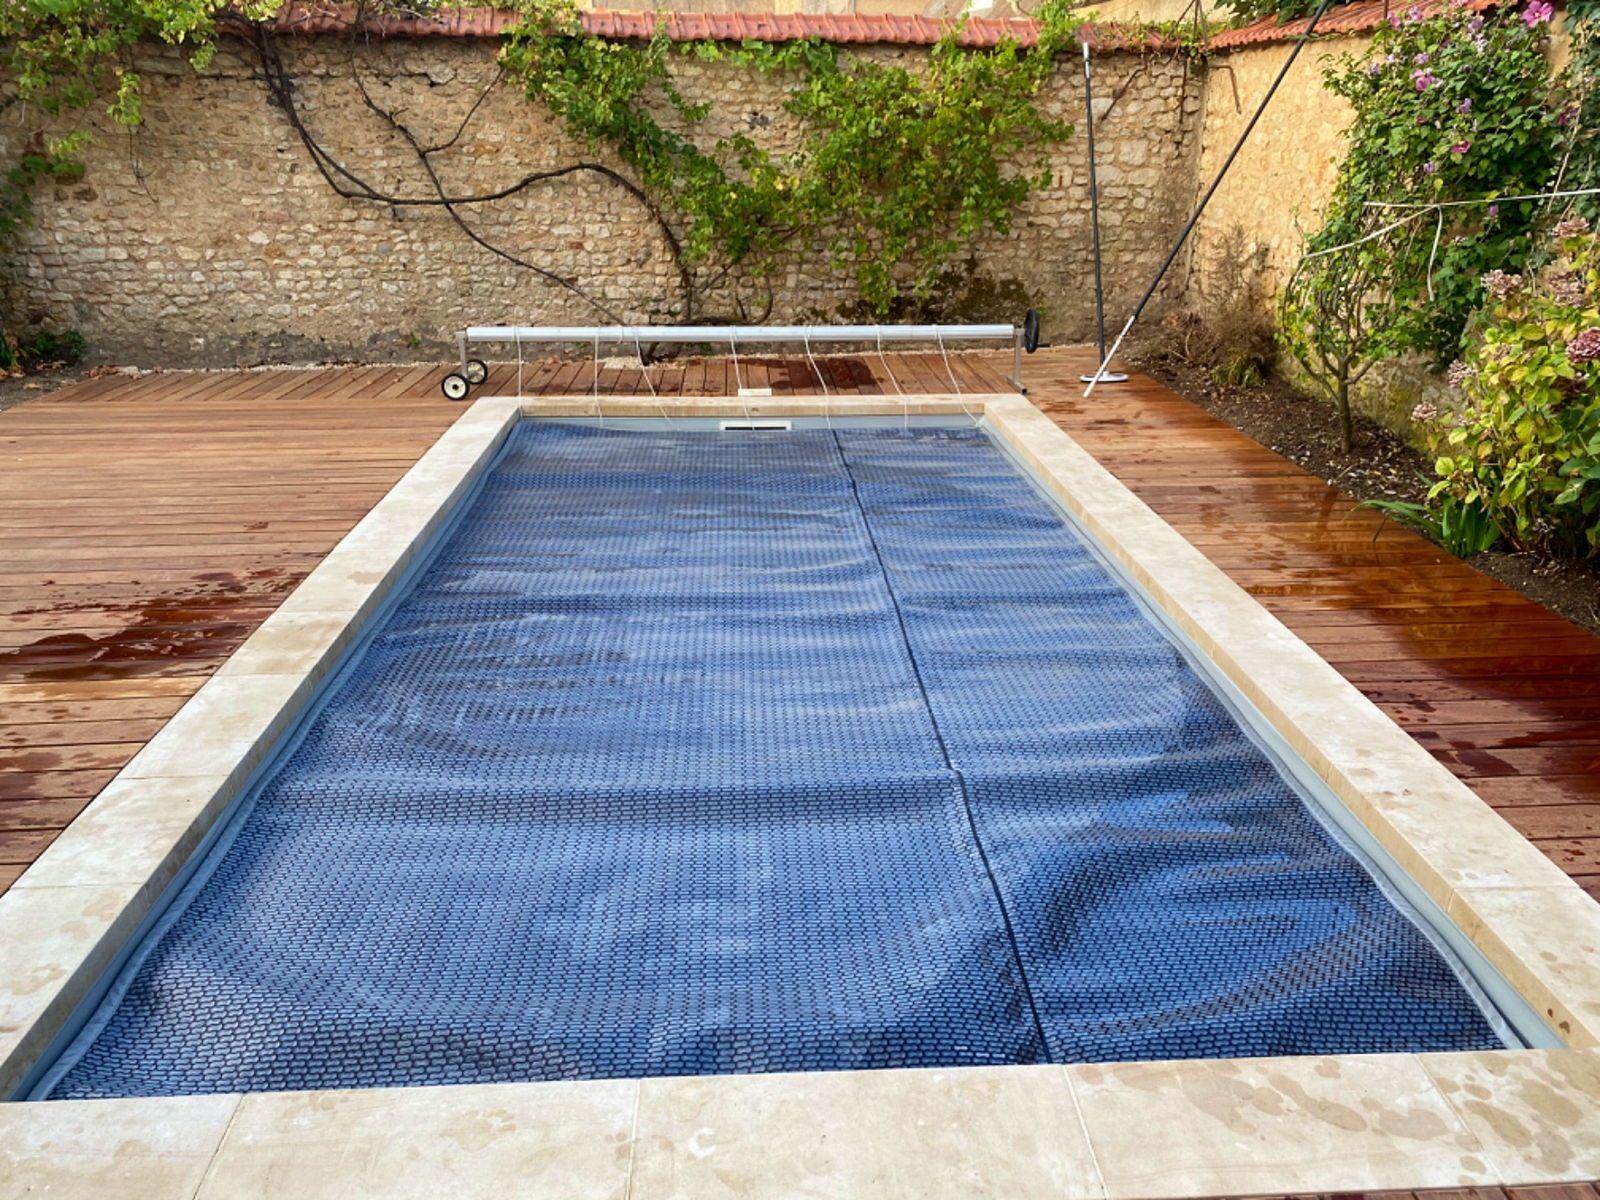 Bâche piscine 6x3m avec enrouleur très bon état